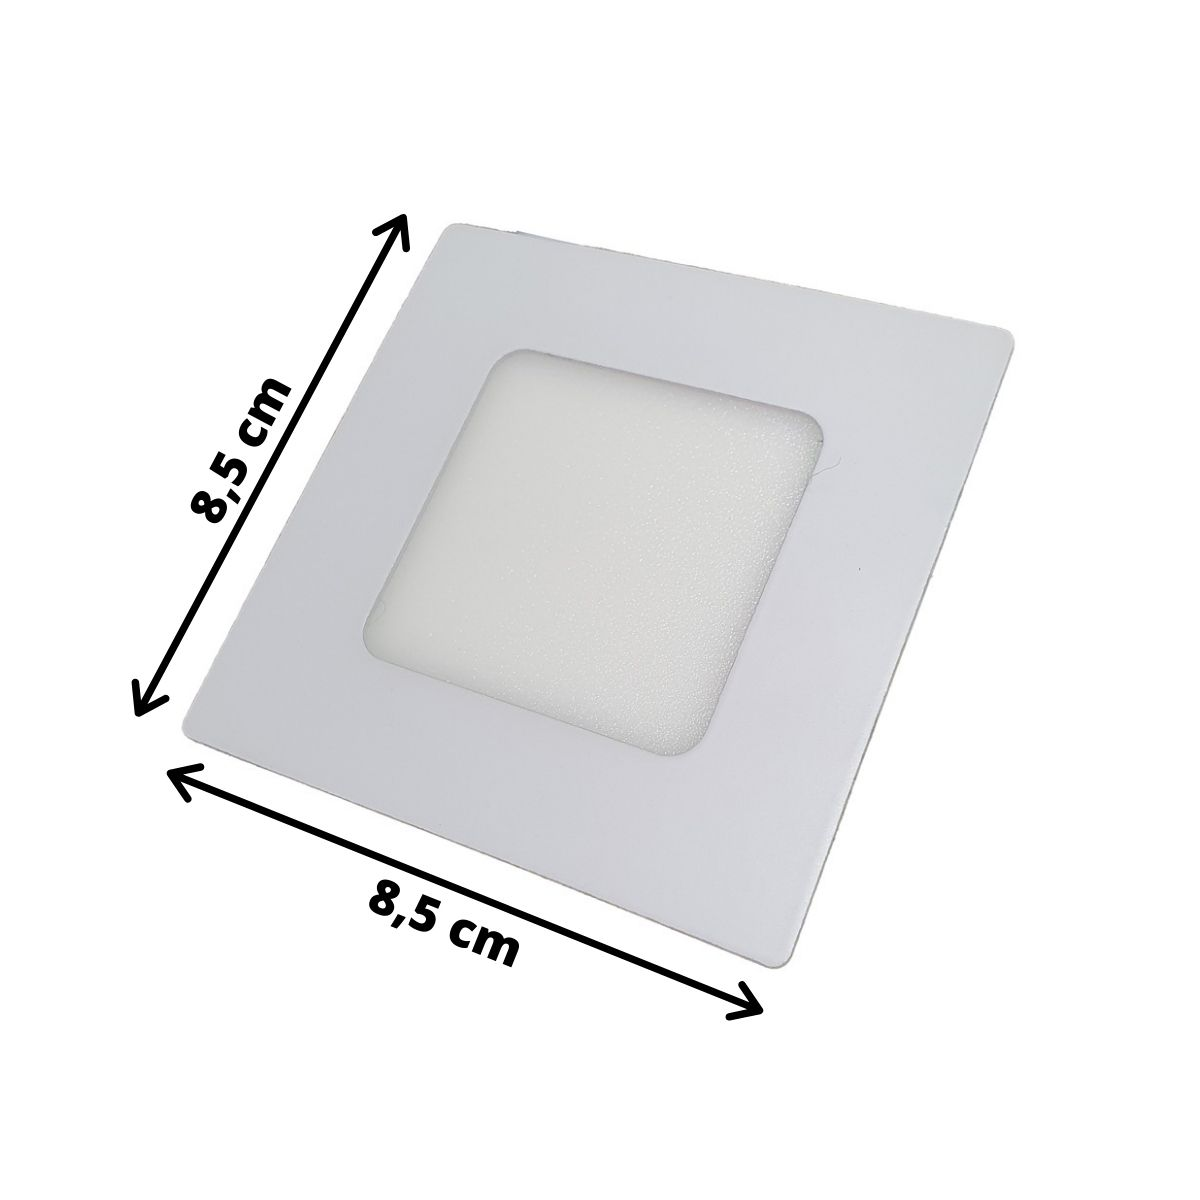 Luminária LED Embutir 3w Quadrada Branco Quente 3000k Plafon